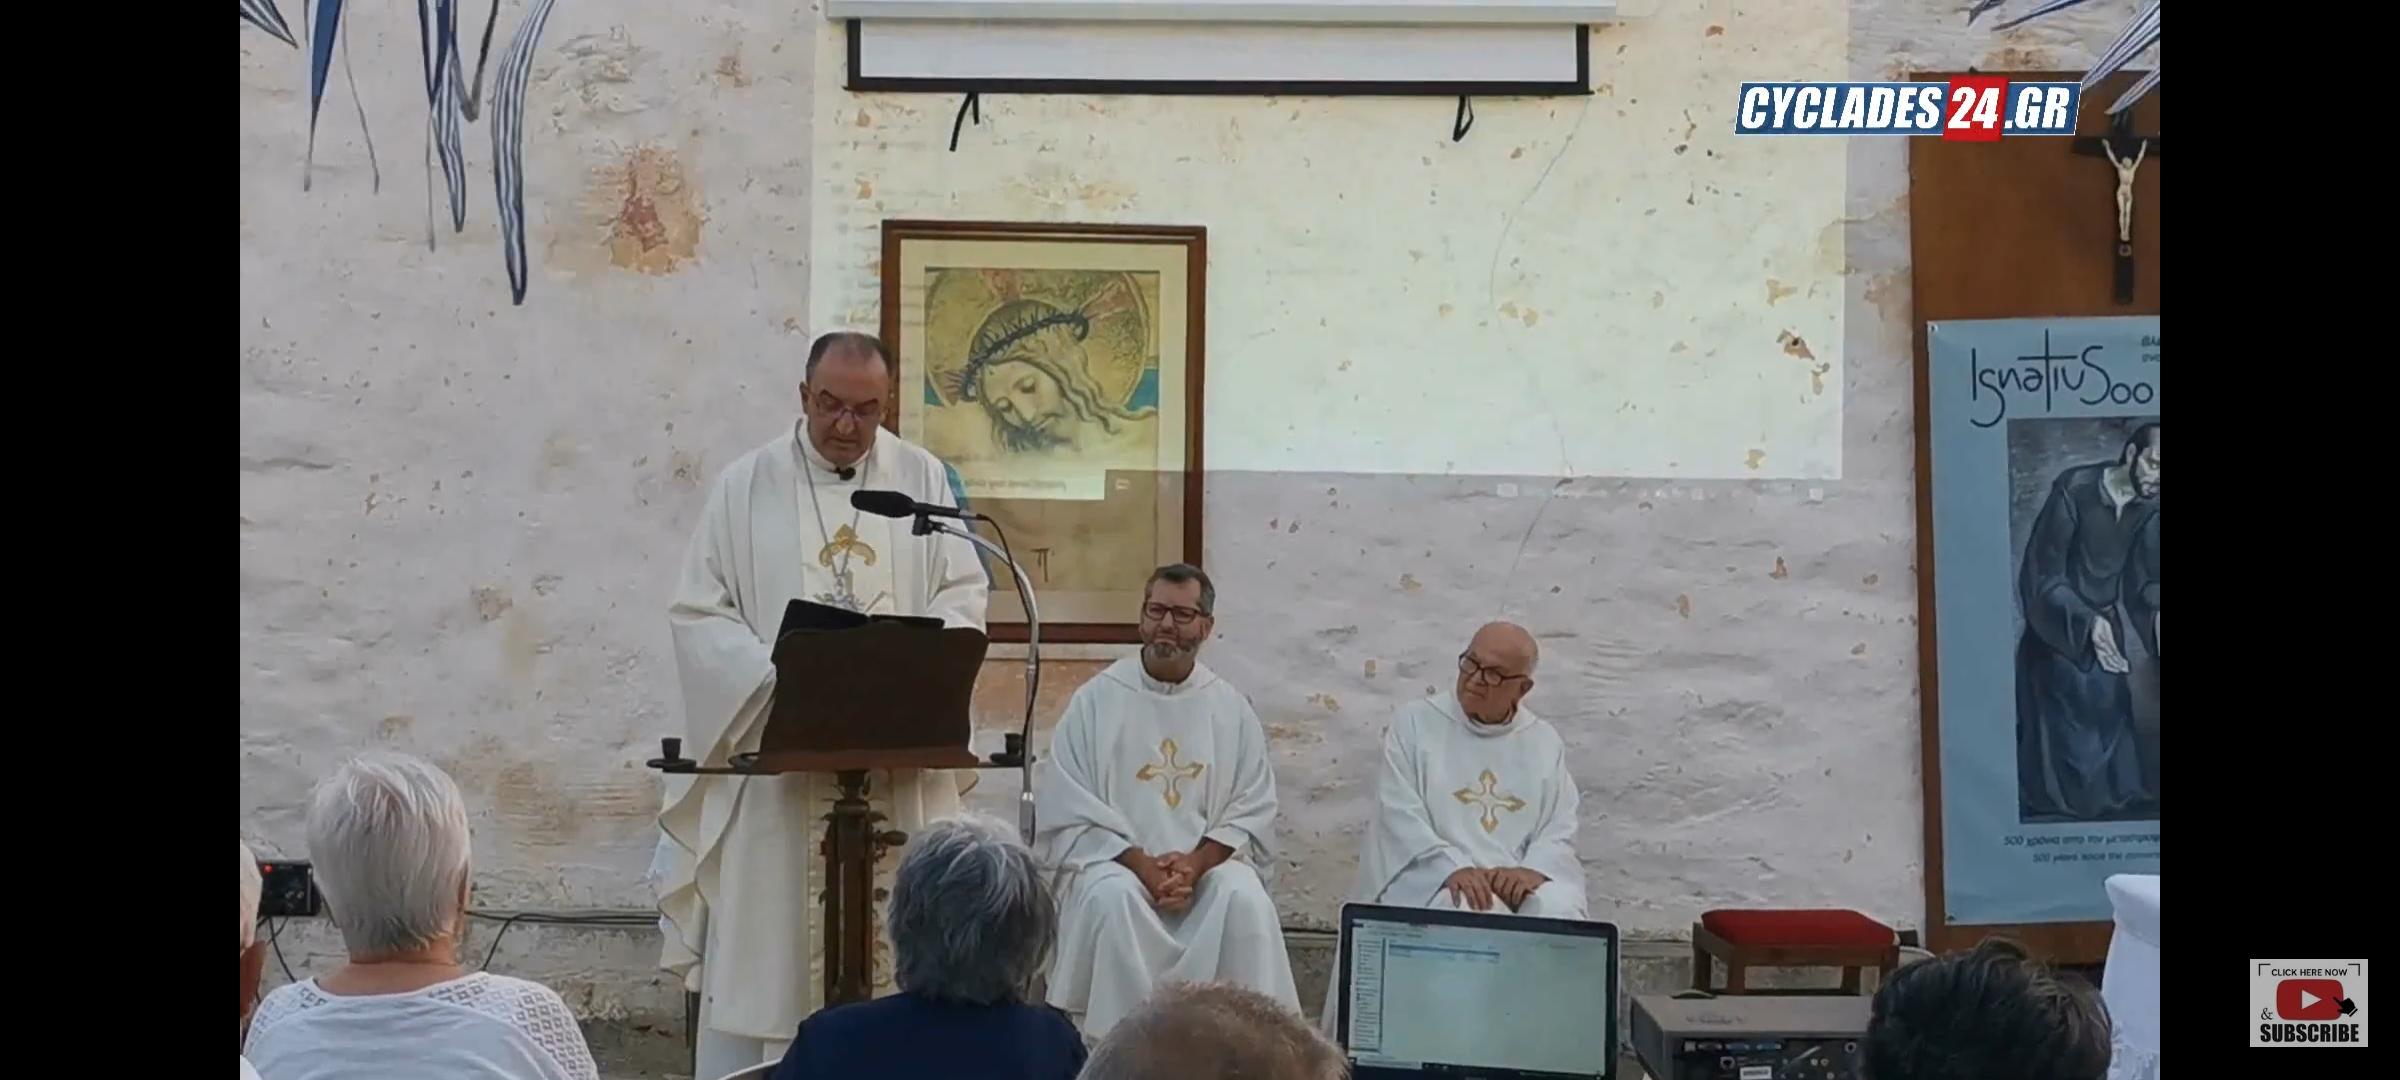 Η εορτή του προστάτη των Ιησουιτών συνοδεύτηκε με την αποκατάσταση της Παναγίας του Καρμήλου | Cyclades24